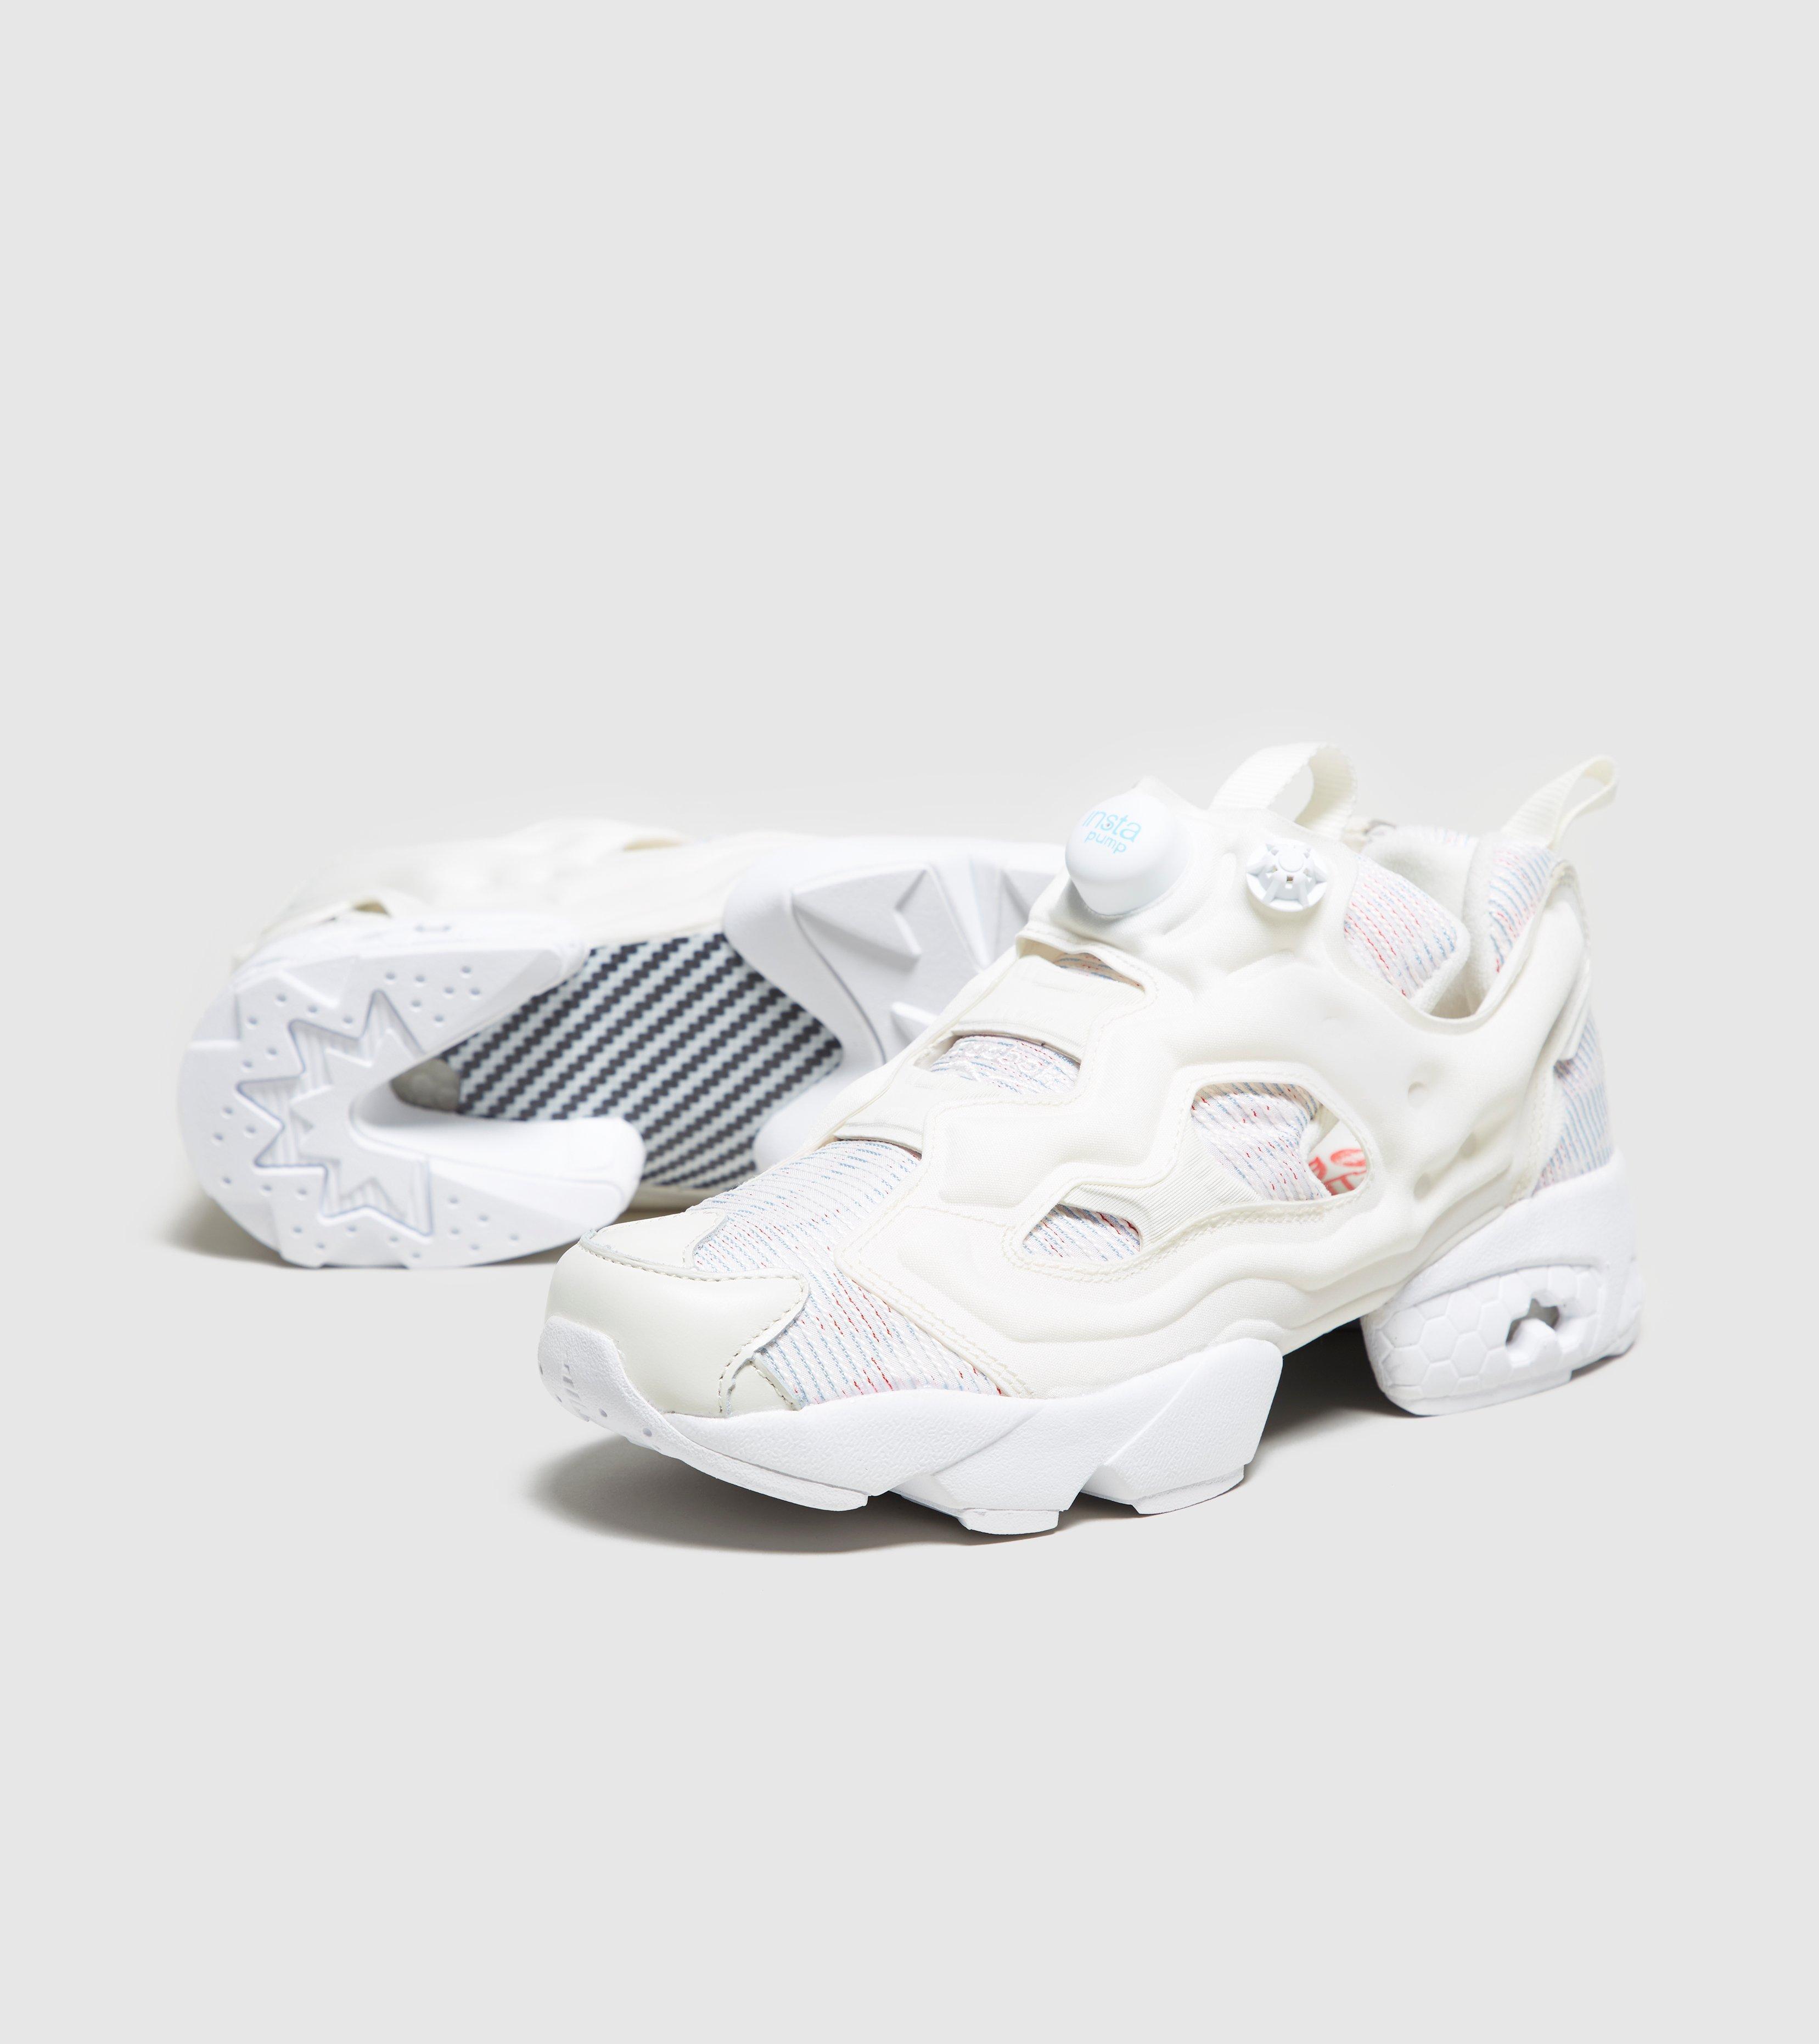 Reebok Instapump Fury Women s in White - Lyst 7510ca1bf